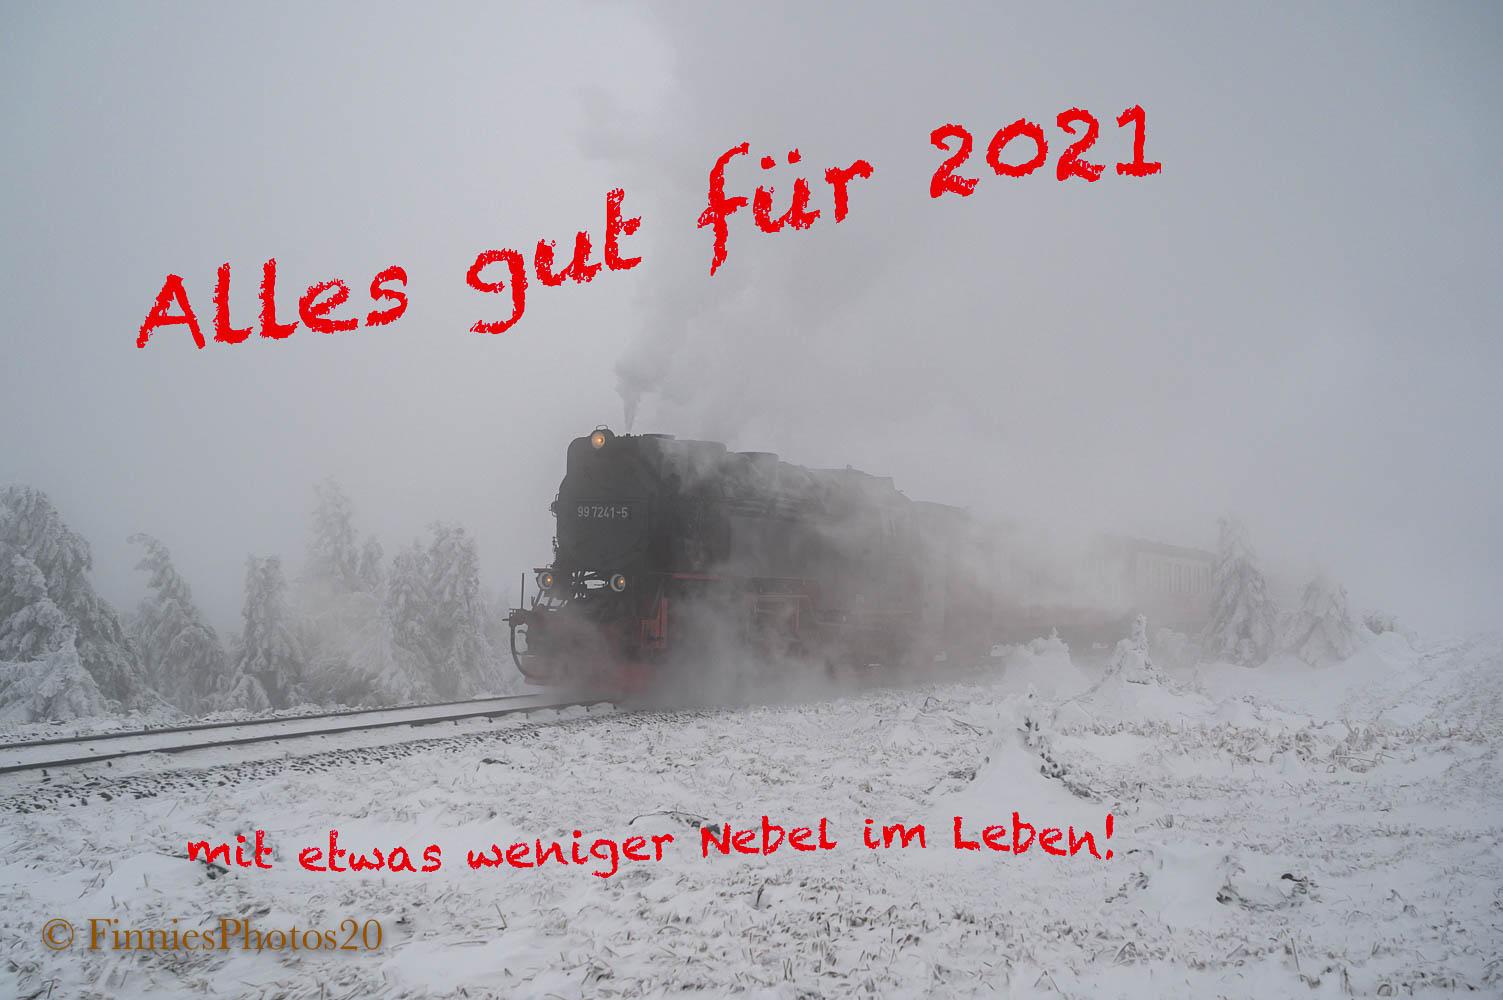 Zum 2021!